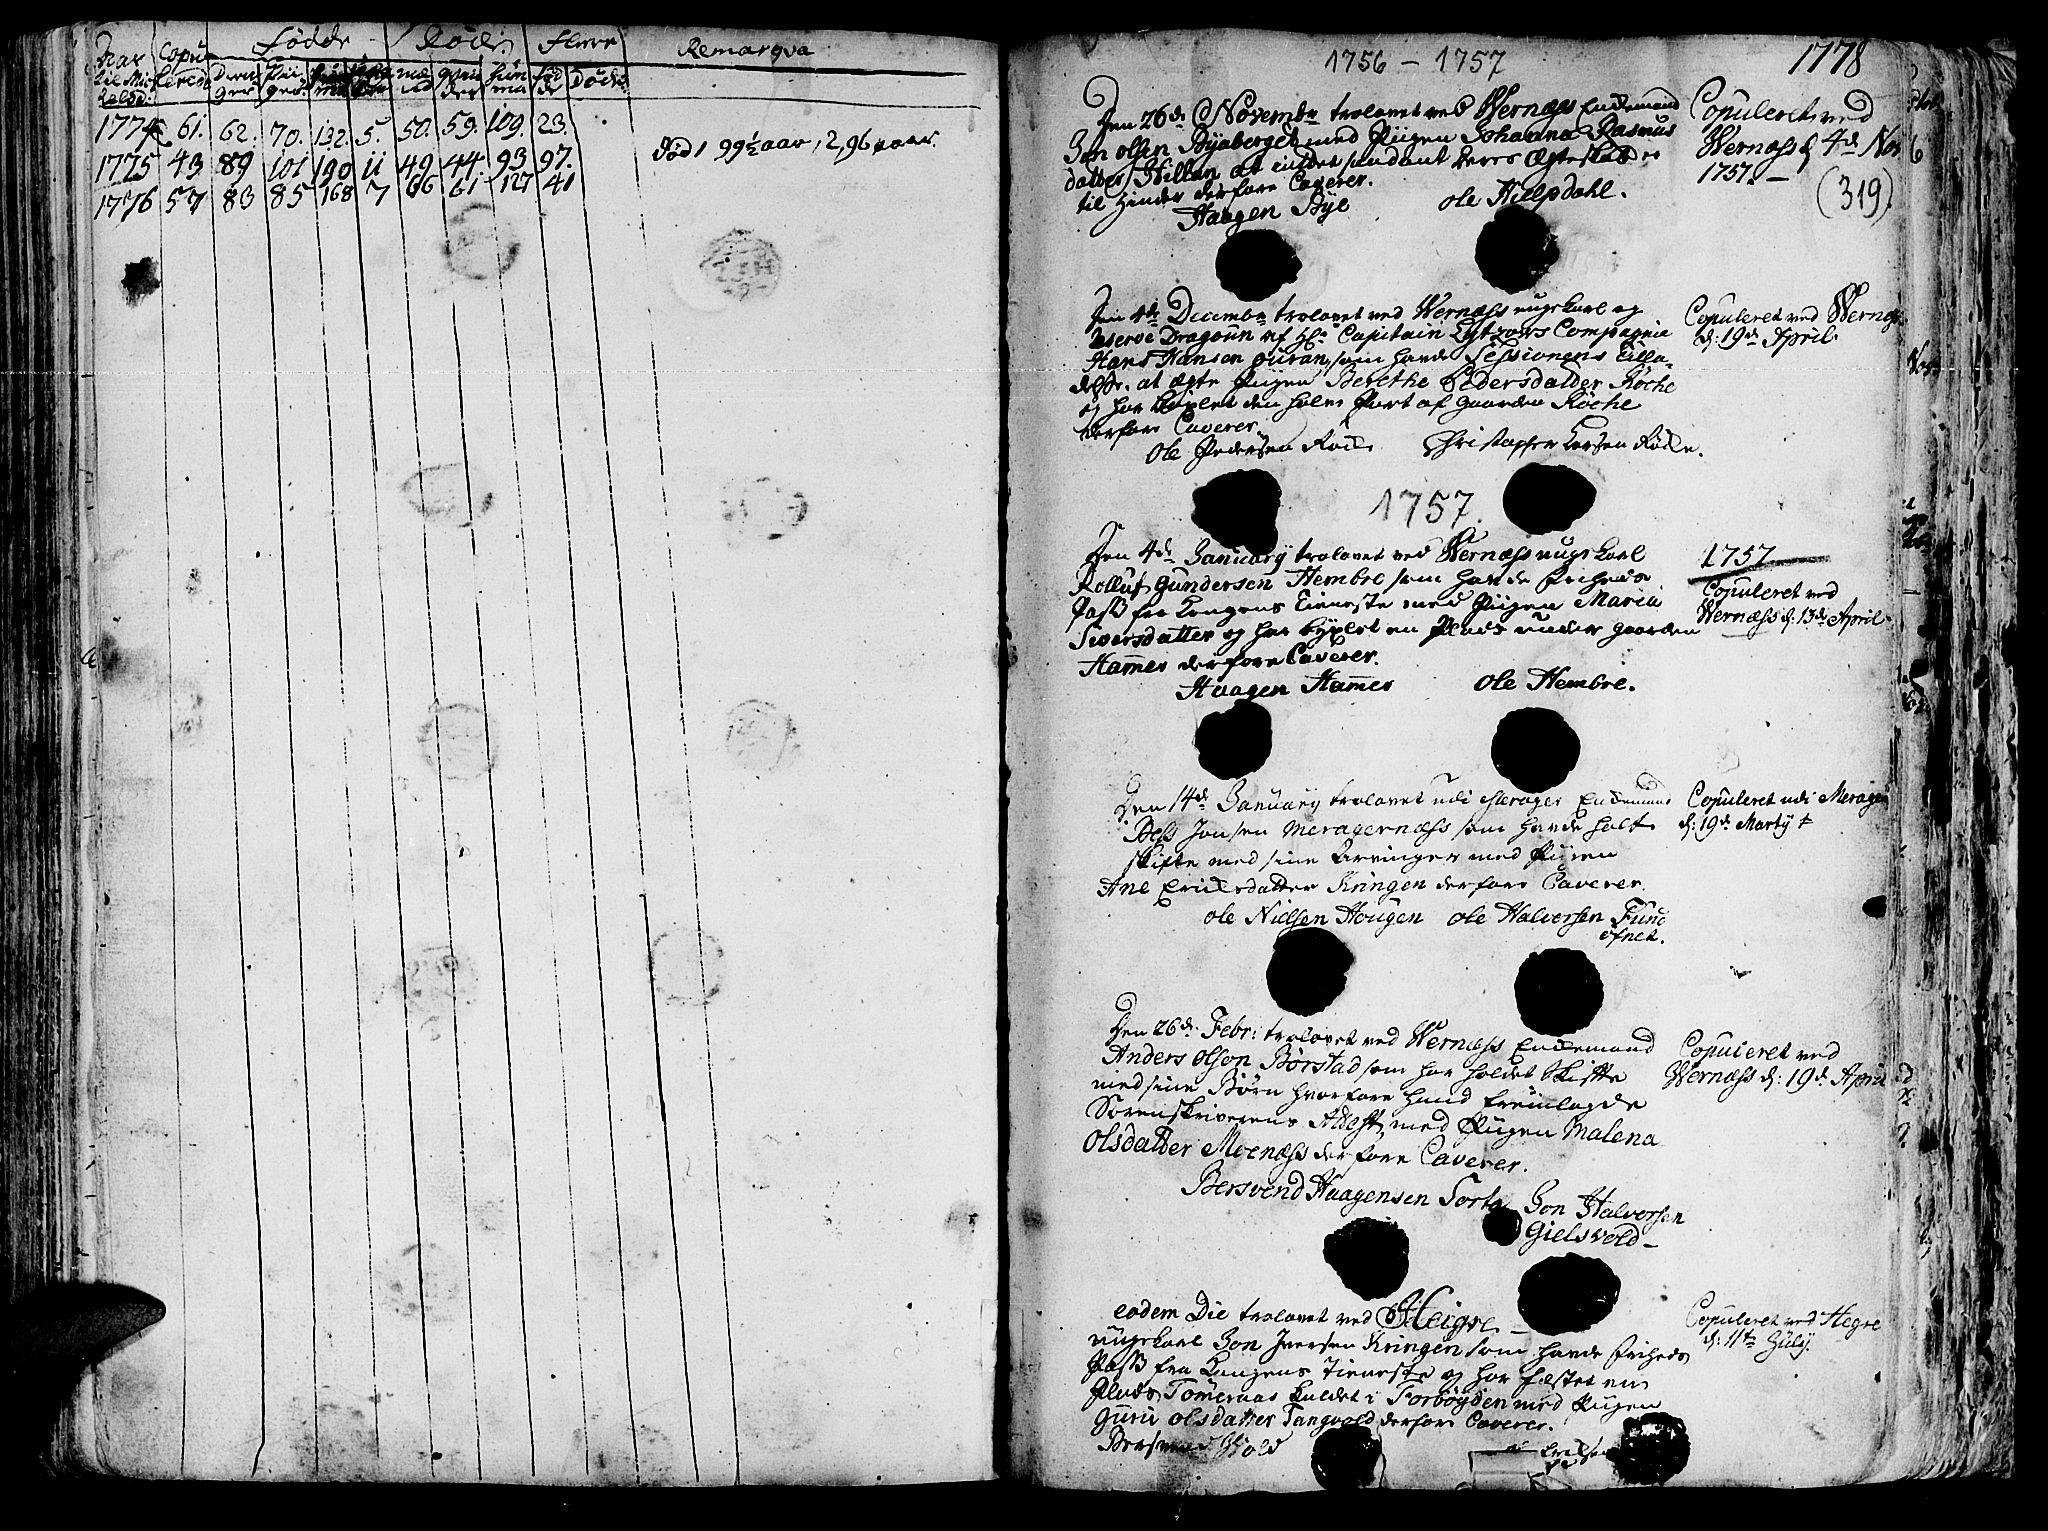 SAT, Ministerialprotokoller, klokkerbøker og fødselsregistre - Nord-Trøndelag, 709/L0057: Ministerialbok nr. 709A05, 1755-1780, s. 319